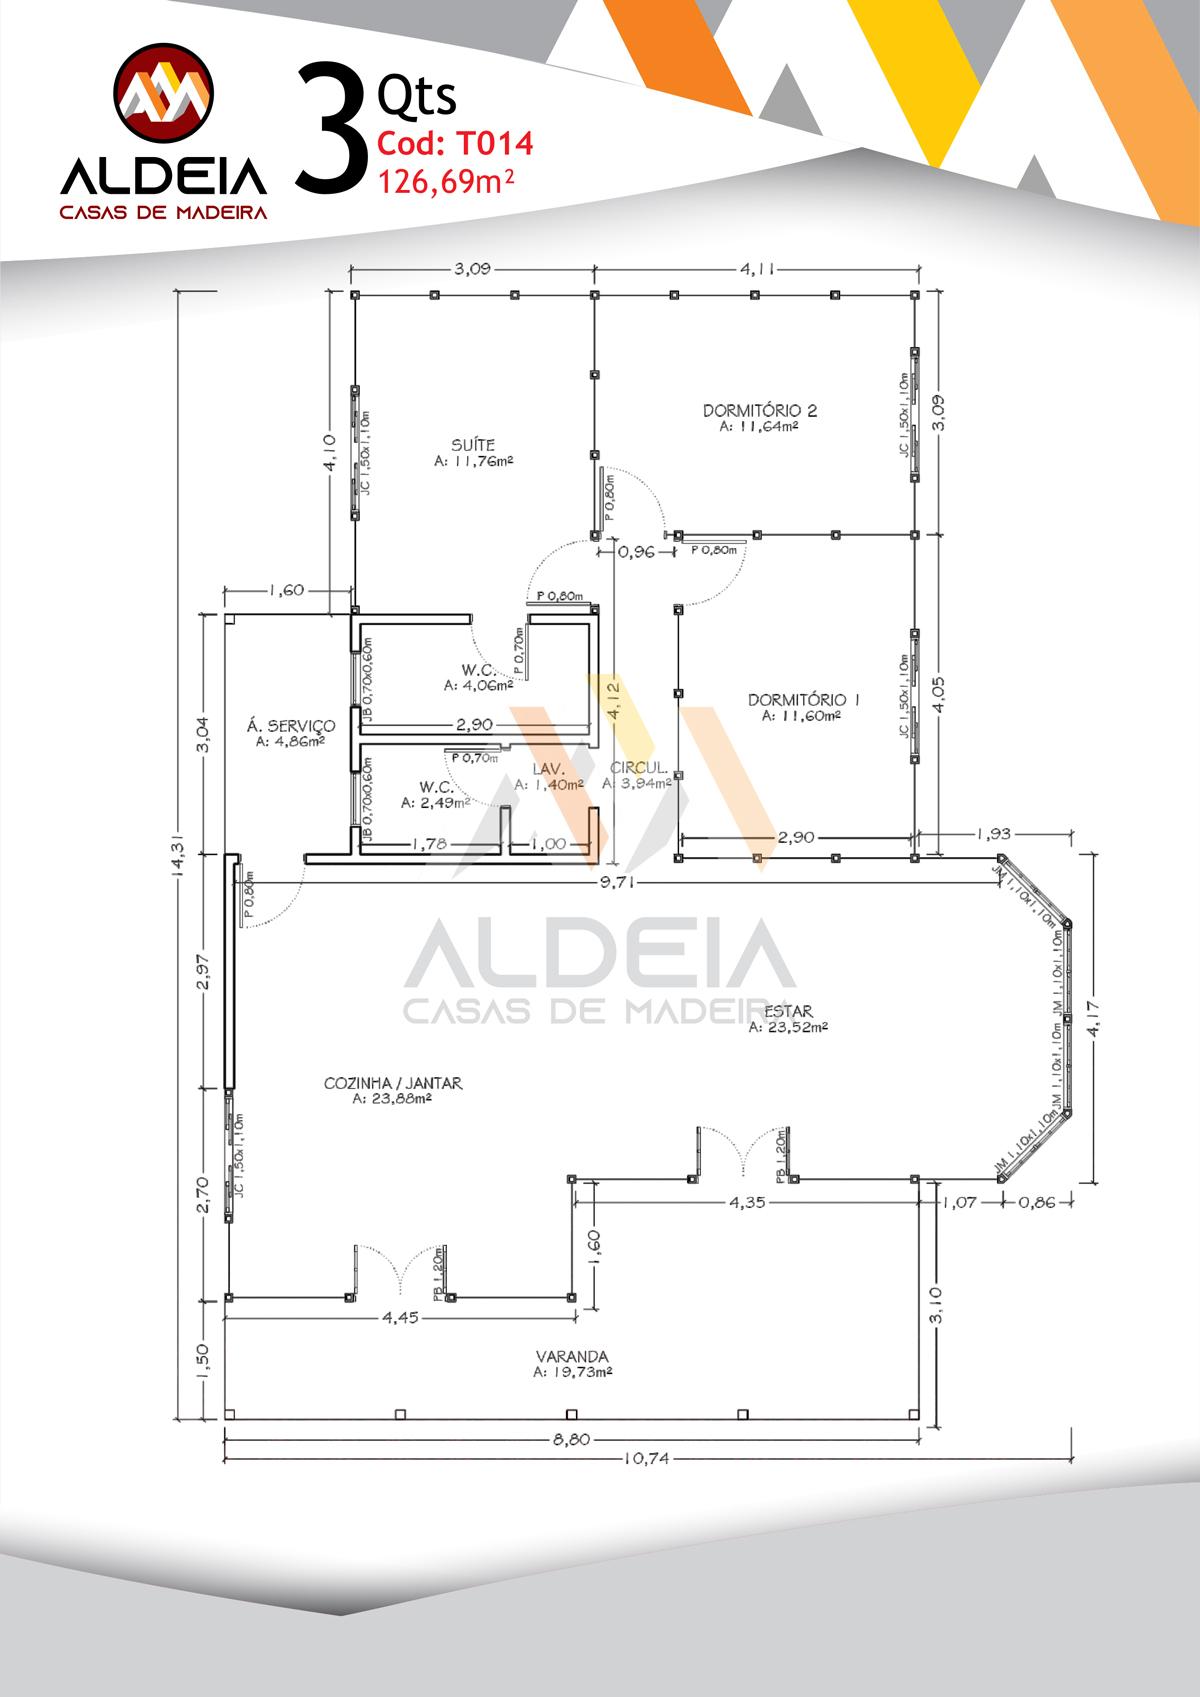 aldeia-casas-madeira-arquitetura-T014